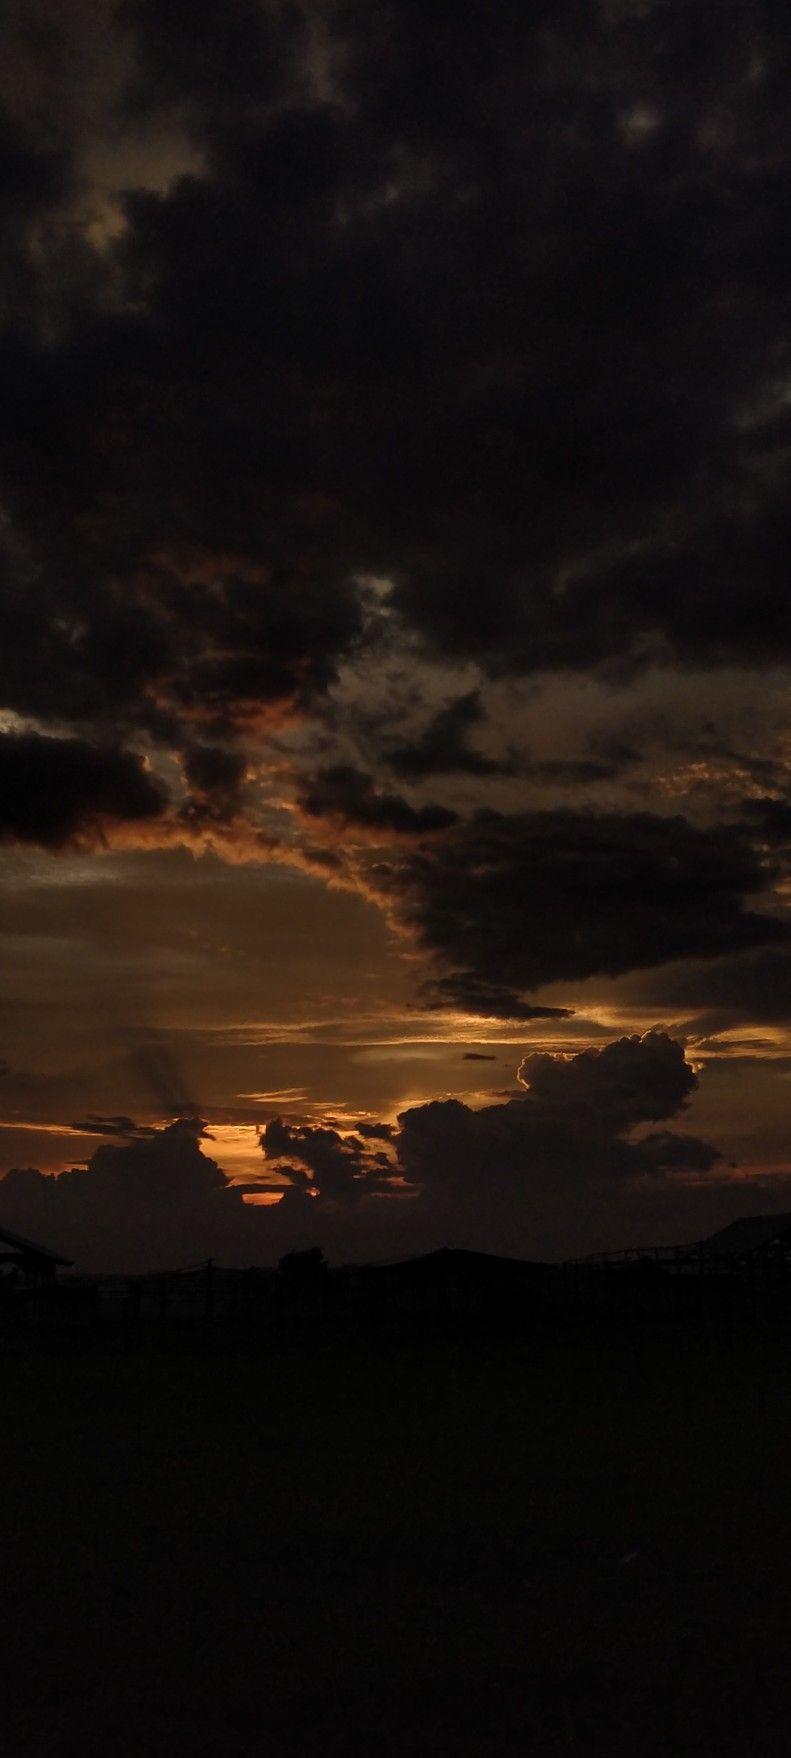 Senja Langit Sore Gelap Malam Di 2020 Pemandangan Khayalan Fotografi Alam Pemandangan